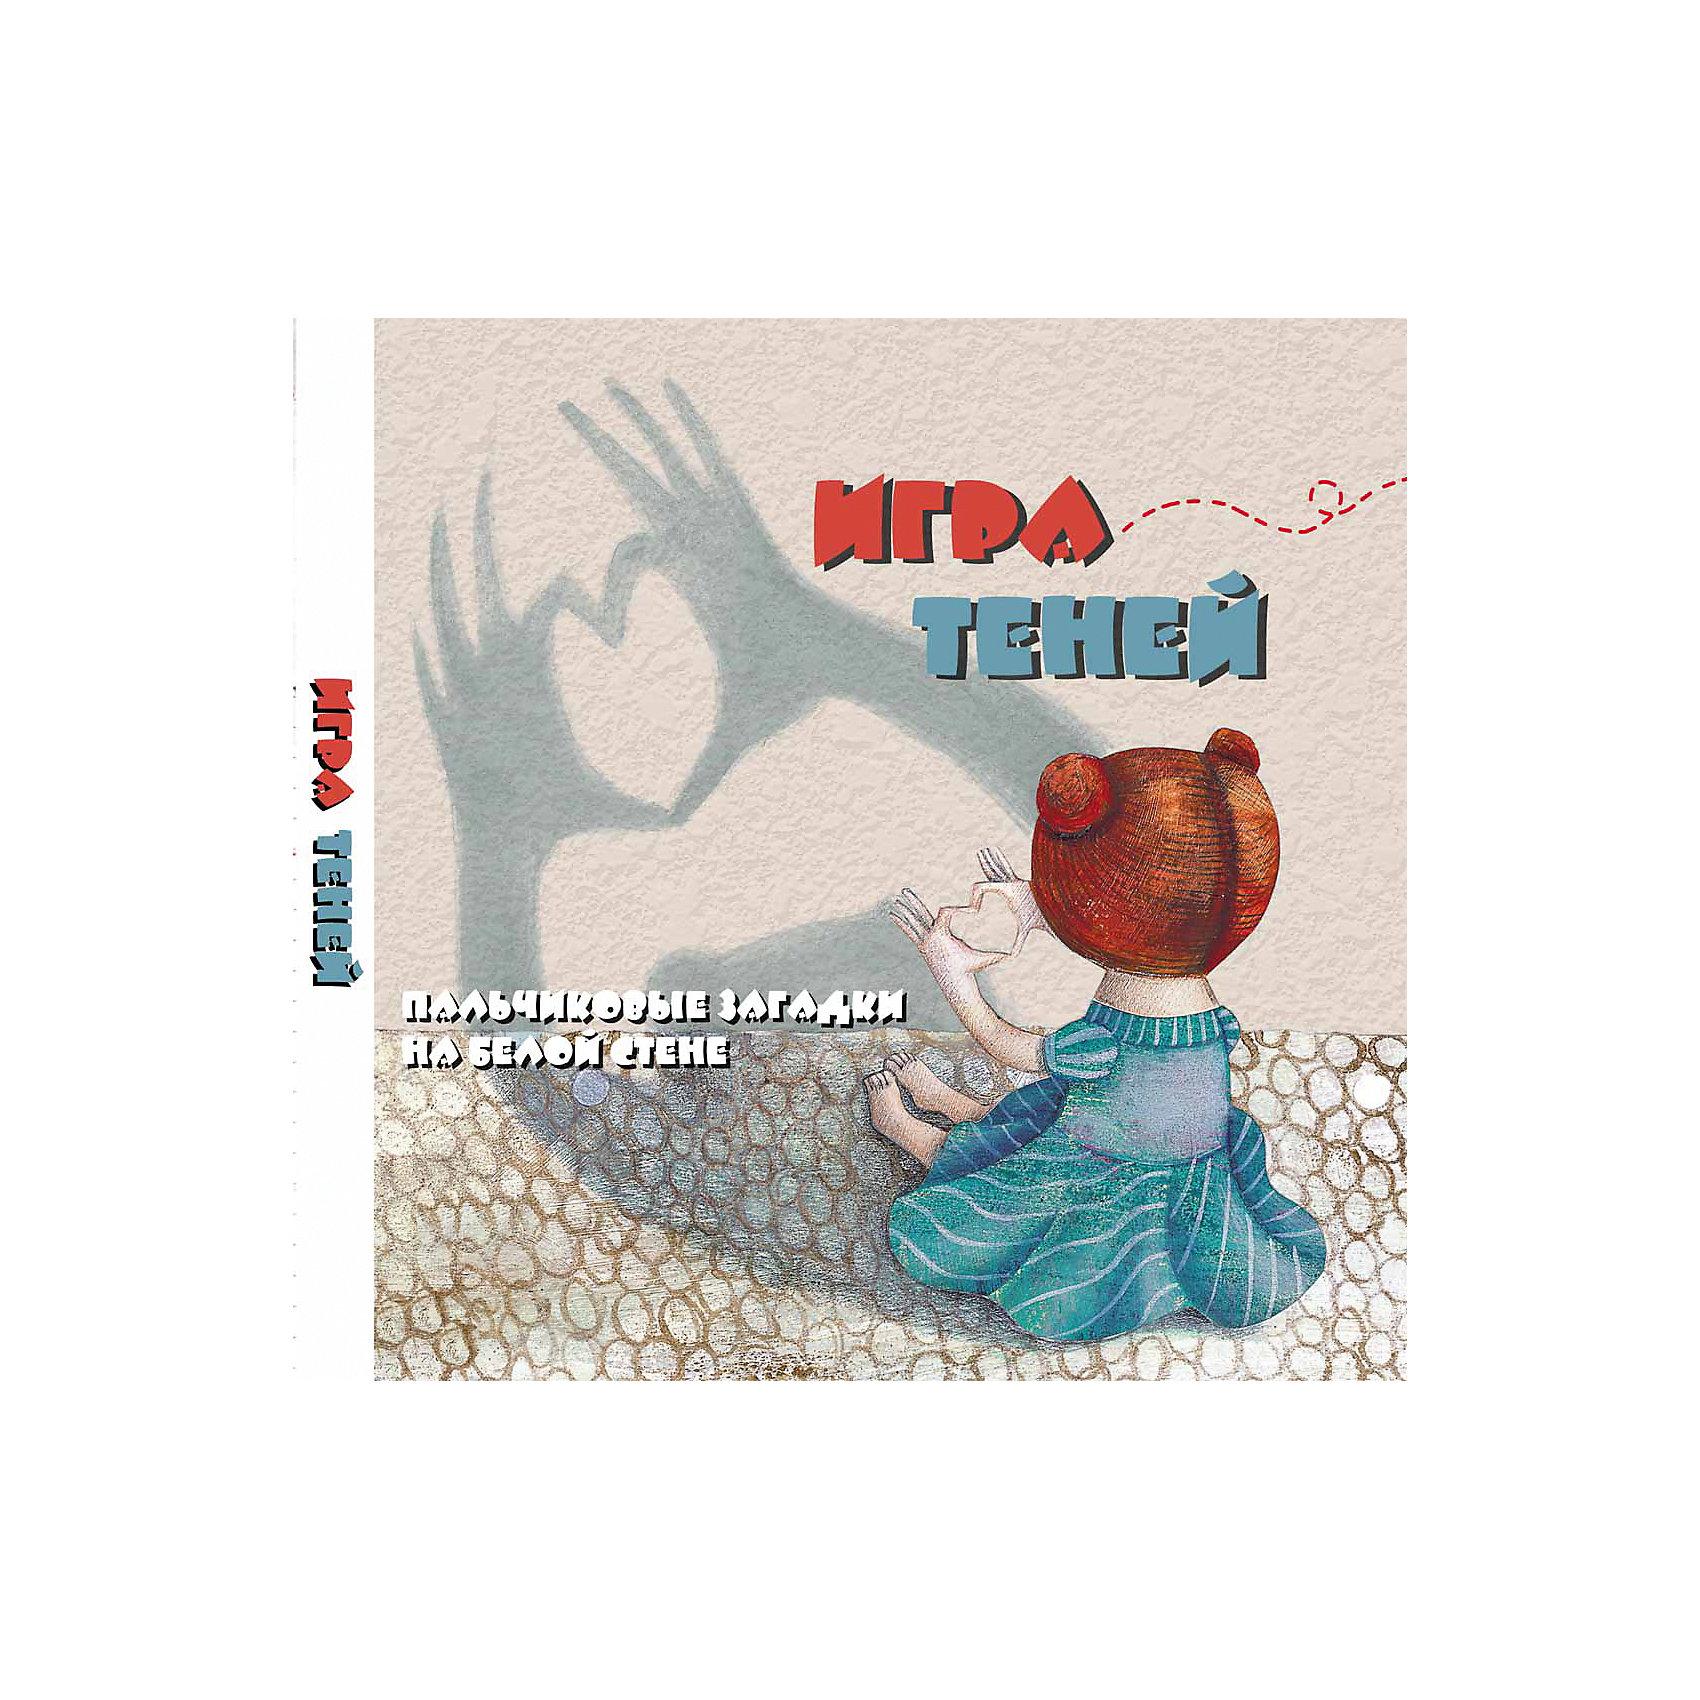 Игра теней: пальчиковые загадки на белой стенеПотешки, скороговорки, загадки<br>Характеристики товара: <br><br>• ISBN: 978-5-222-21562-3; <br>• возраст: от 1 года;<br>• формат: 170х167х9; <br>• бумага: картон; <br>• иллюстрации: цветные; <br>• серия: Малышкины книжки;<br>• издательство: Феникс; <br>• автор: Сонг К.Х.;<br>• количество страниц:10; <br>• размер: 17х16,9х9 см;<br>• вес: 192 грамма.<br><br>Книга «Игра теней: пальчиковые загадки на белой стене» поможет ребенку устроить домашний театр теней. Для игры юному артисту потребуются лишь собственные руки, настольная лампа и простынь. Ребенок будет показывать различные фигуры, а зрители постараются угадать, что показывает артист.<br><br>Книгу «Игра теней: пальчиковые загадки на белой стене», Феникс можно купить в нашем интернет-магазине.<br><br>Ширина мм: 170<br>Глубина мм: 169<br>Высота мм: 9<br>Вес г: 1648<br>Возраст от месяцев: 12<br>Возраст до месяцев: 60<br>Пол: Унисекс<br>Возраст: Детский<br>SKU: 4771380